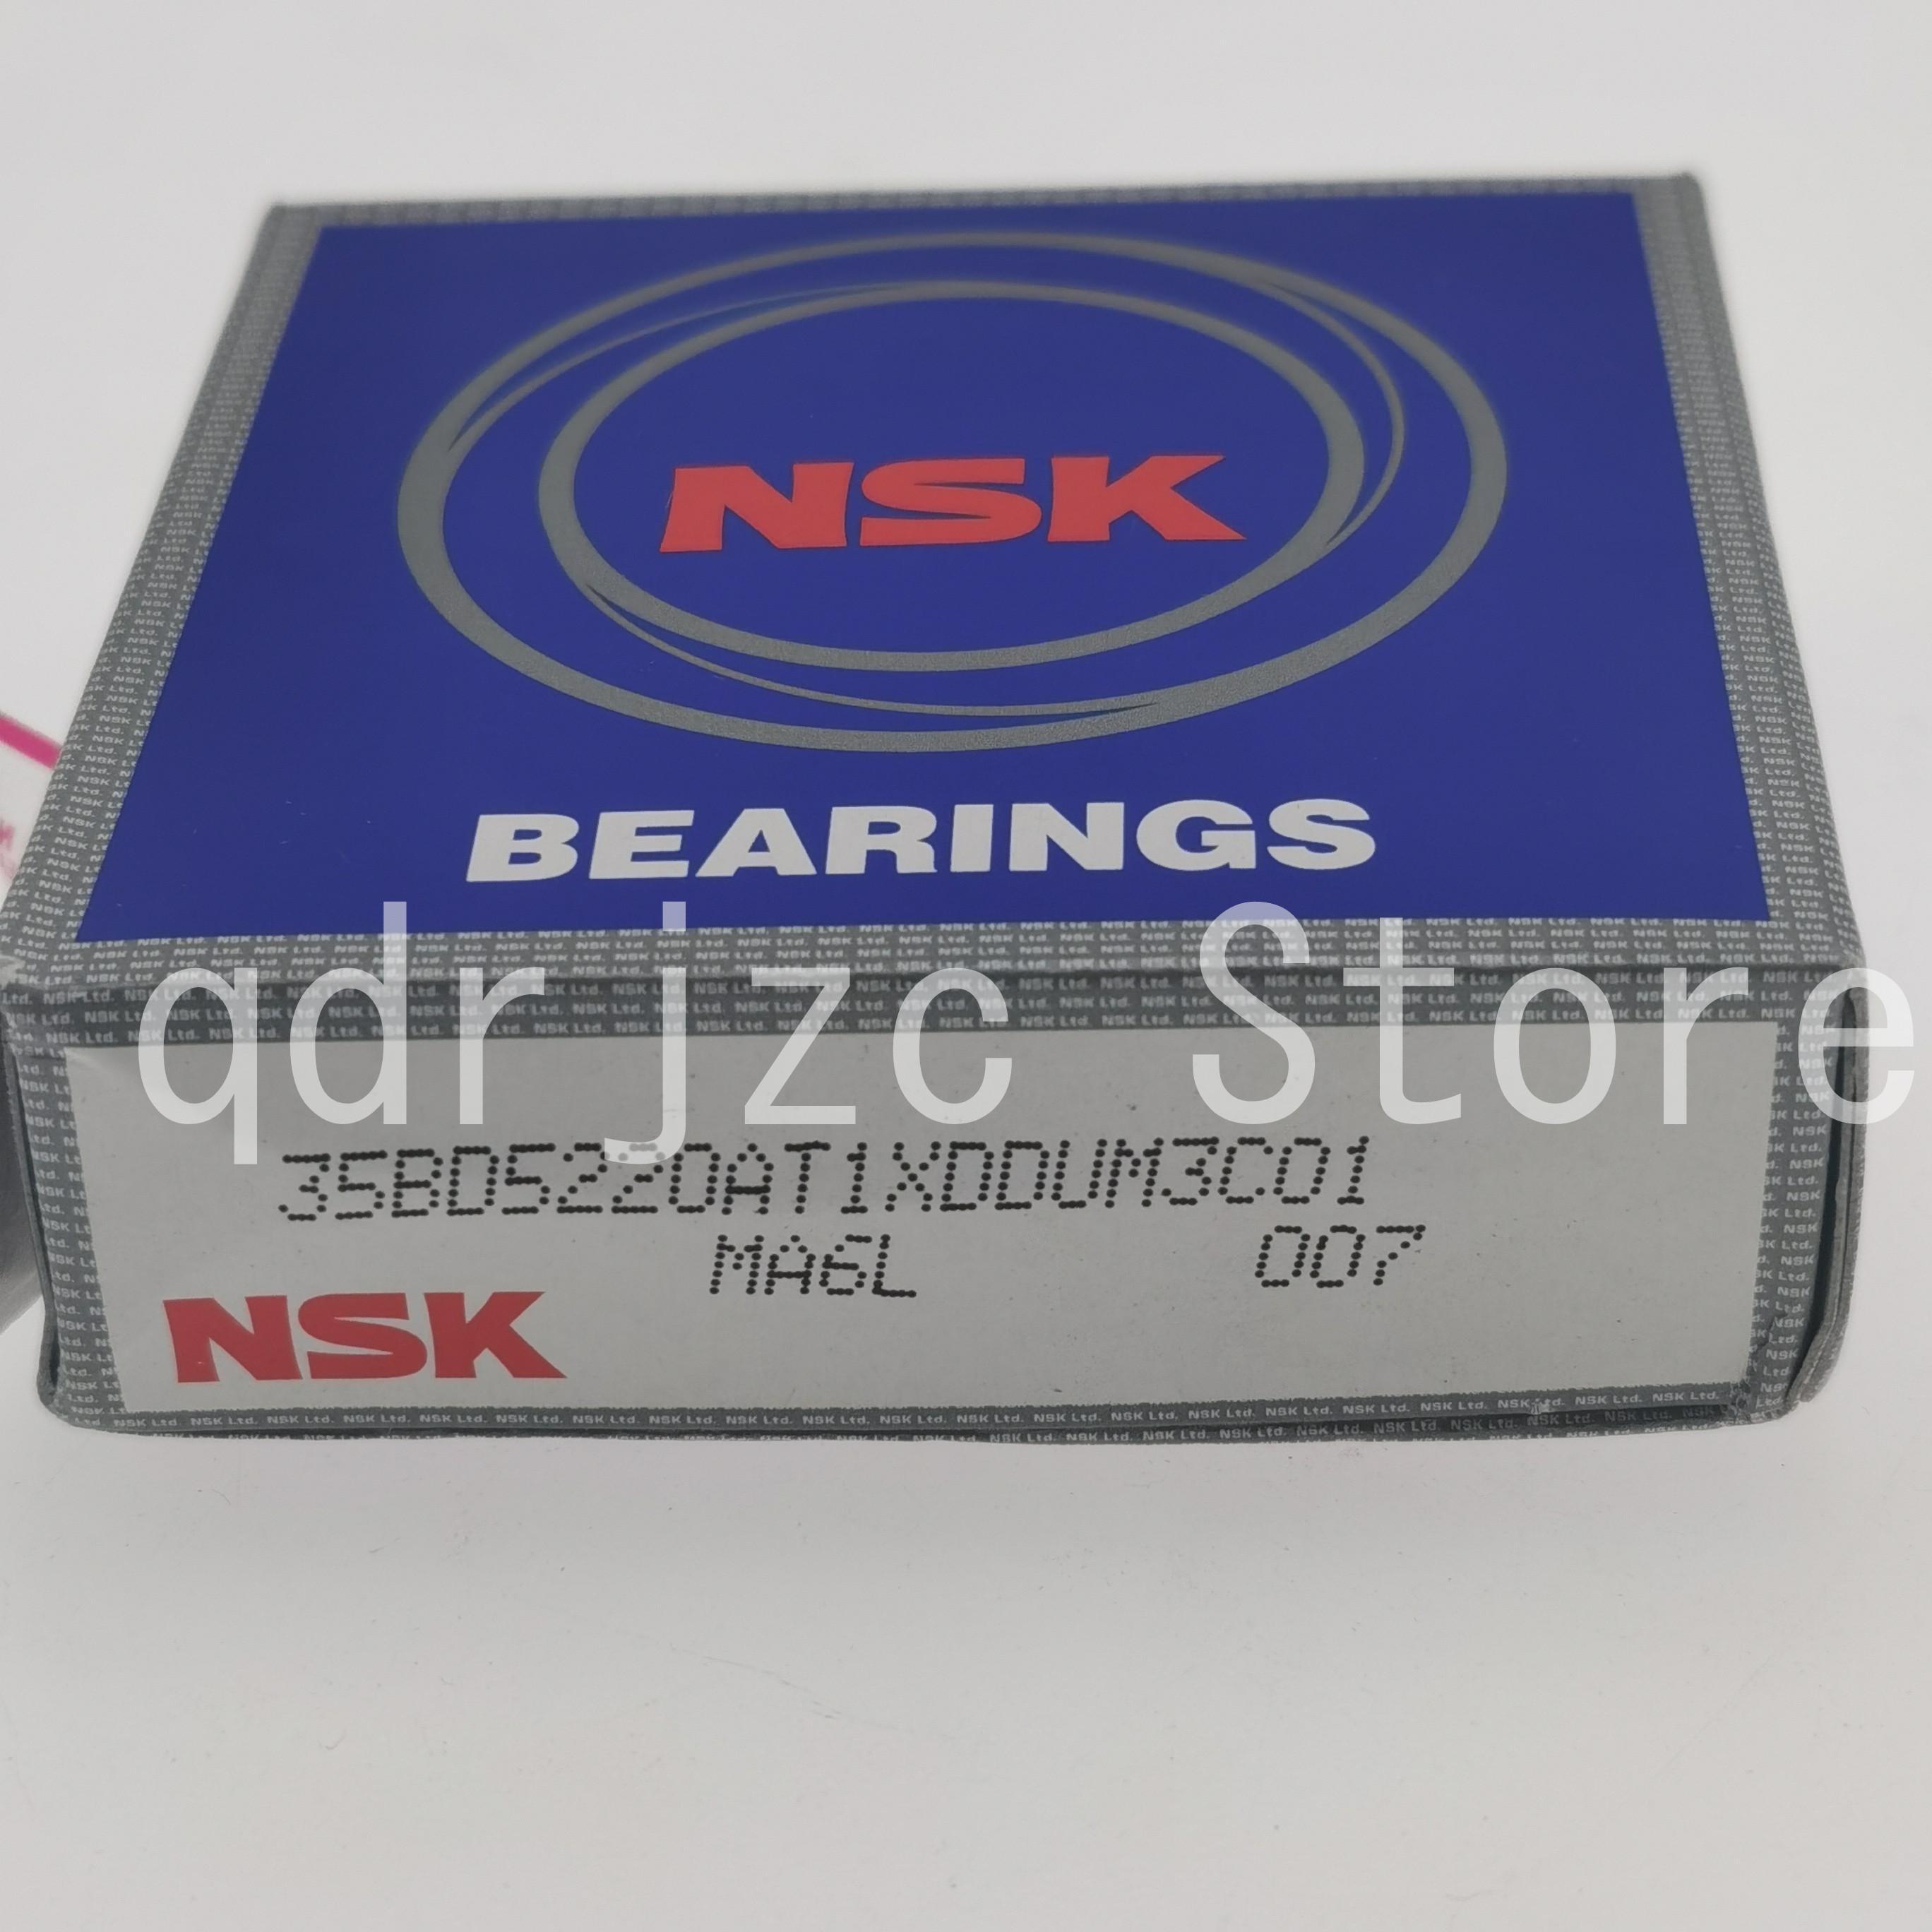 NSK automobile bearing 35BD5220AT1XDDUM3C01 35BD5220DUM3 35mm 52mm 20mm